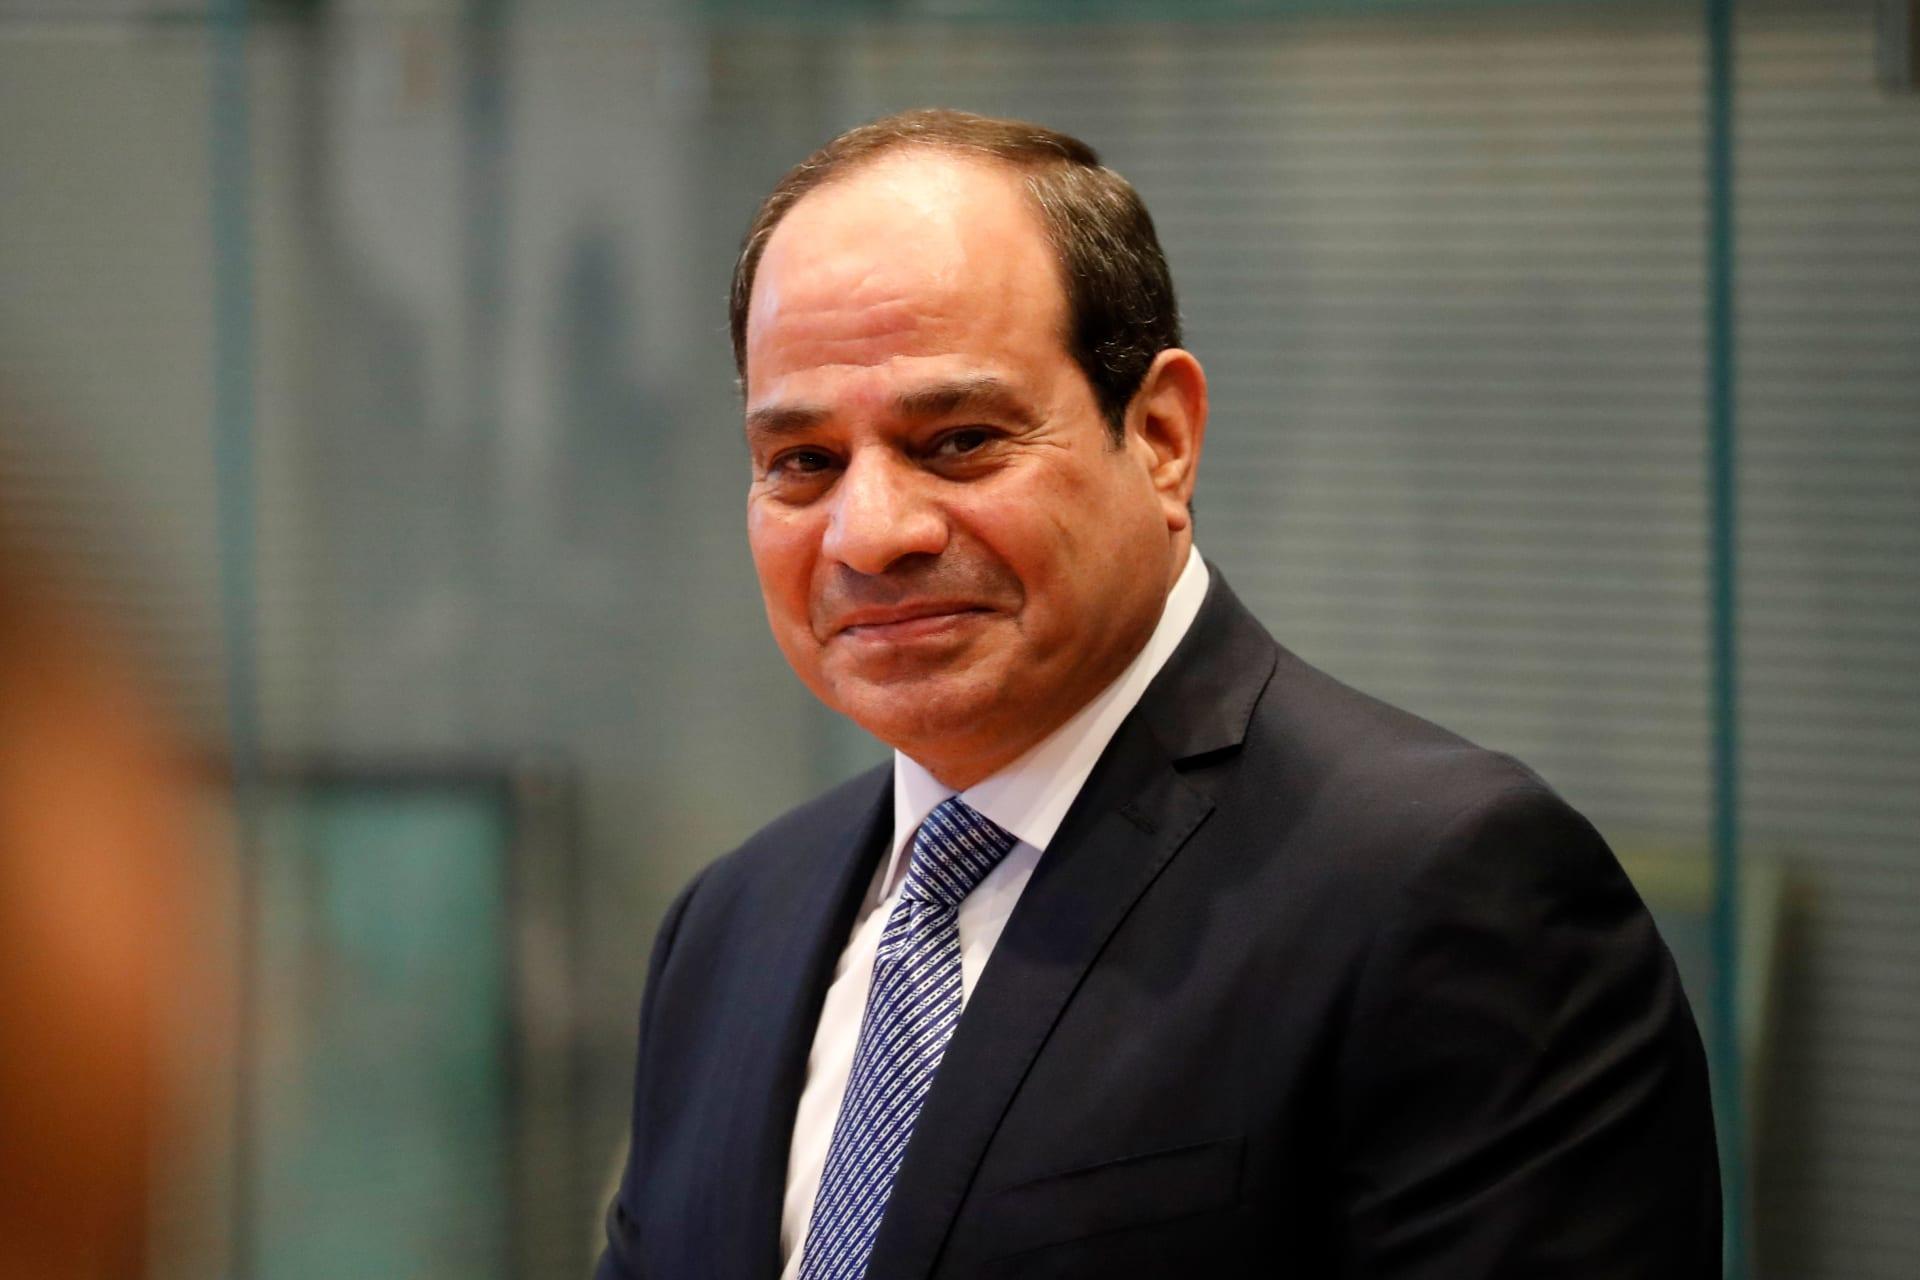 أول رئيس عربي يهنىء بايدن بالفوز بالرئاسة.. السيسي: نتطلع للتعاون والعمل